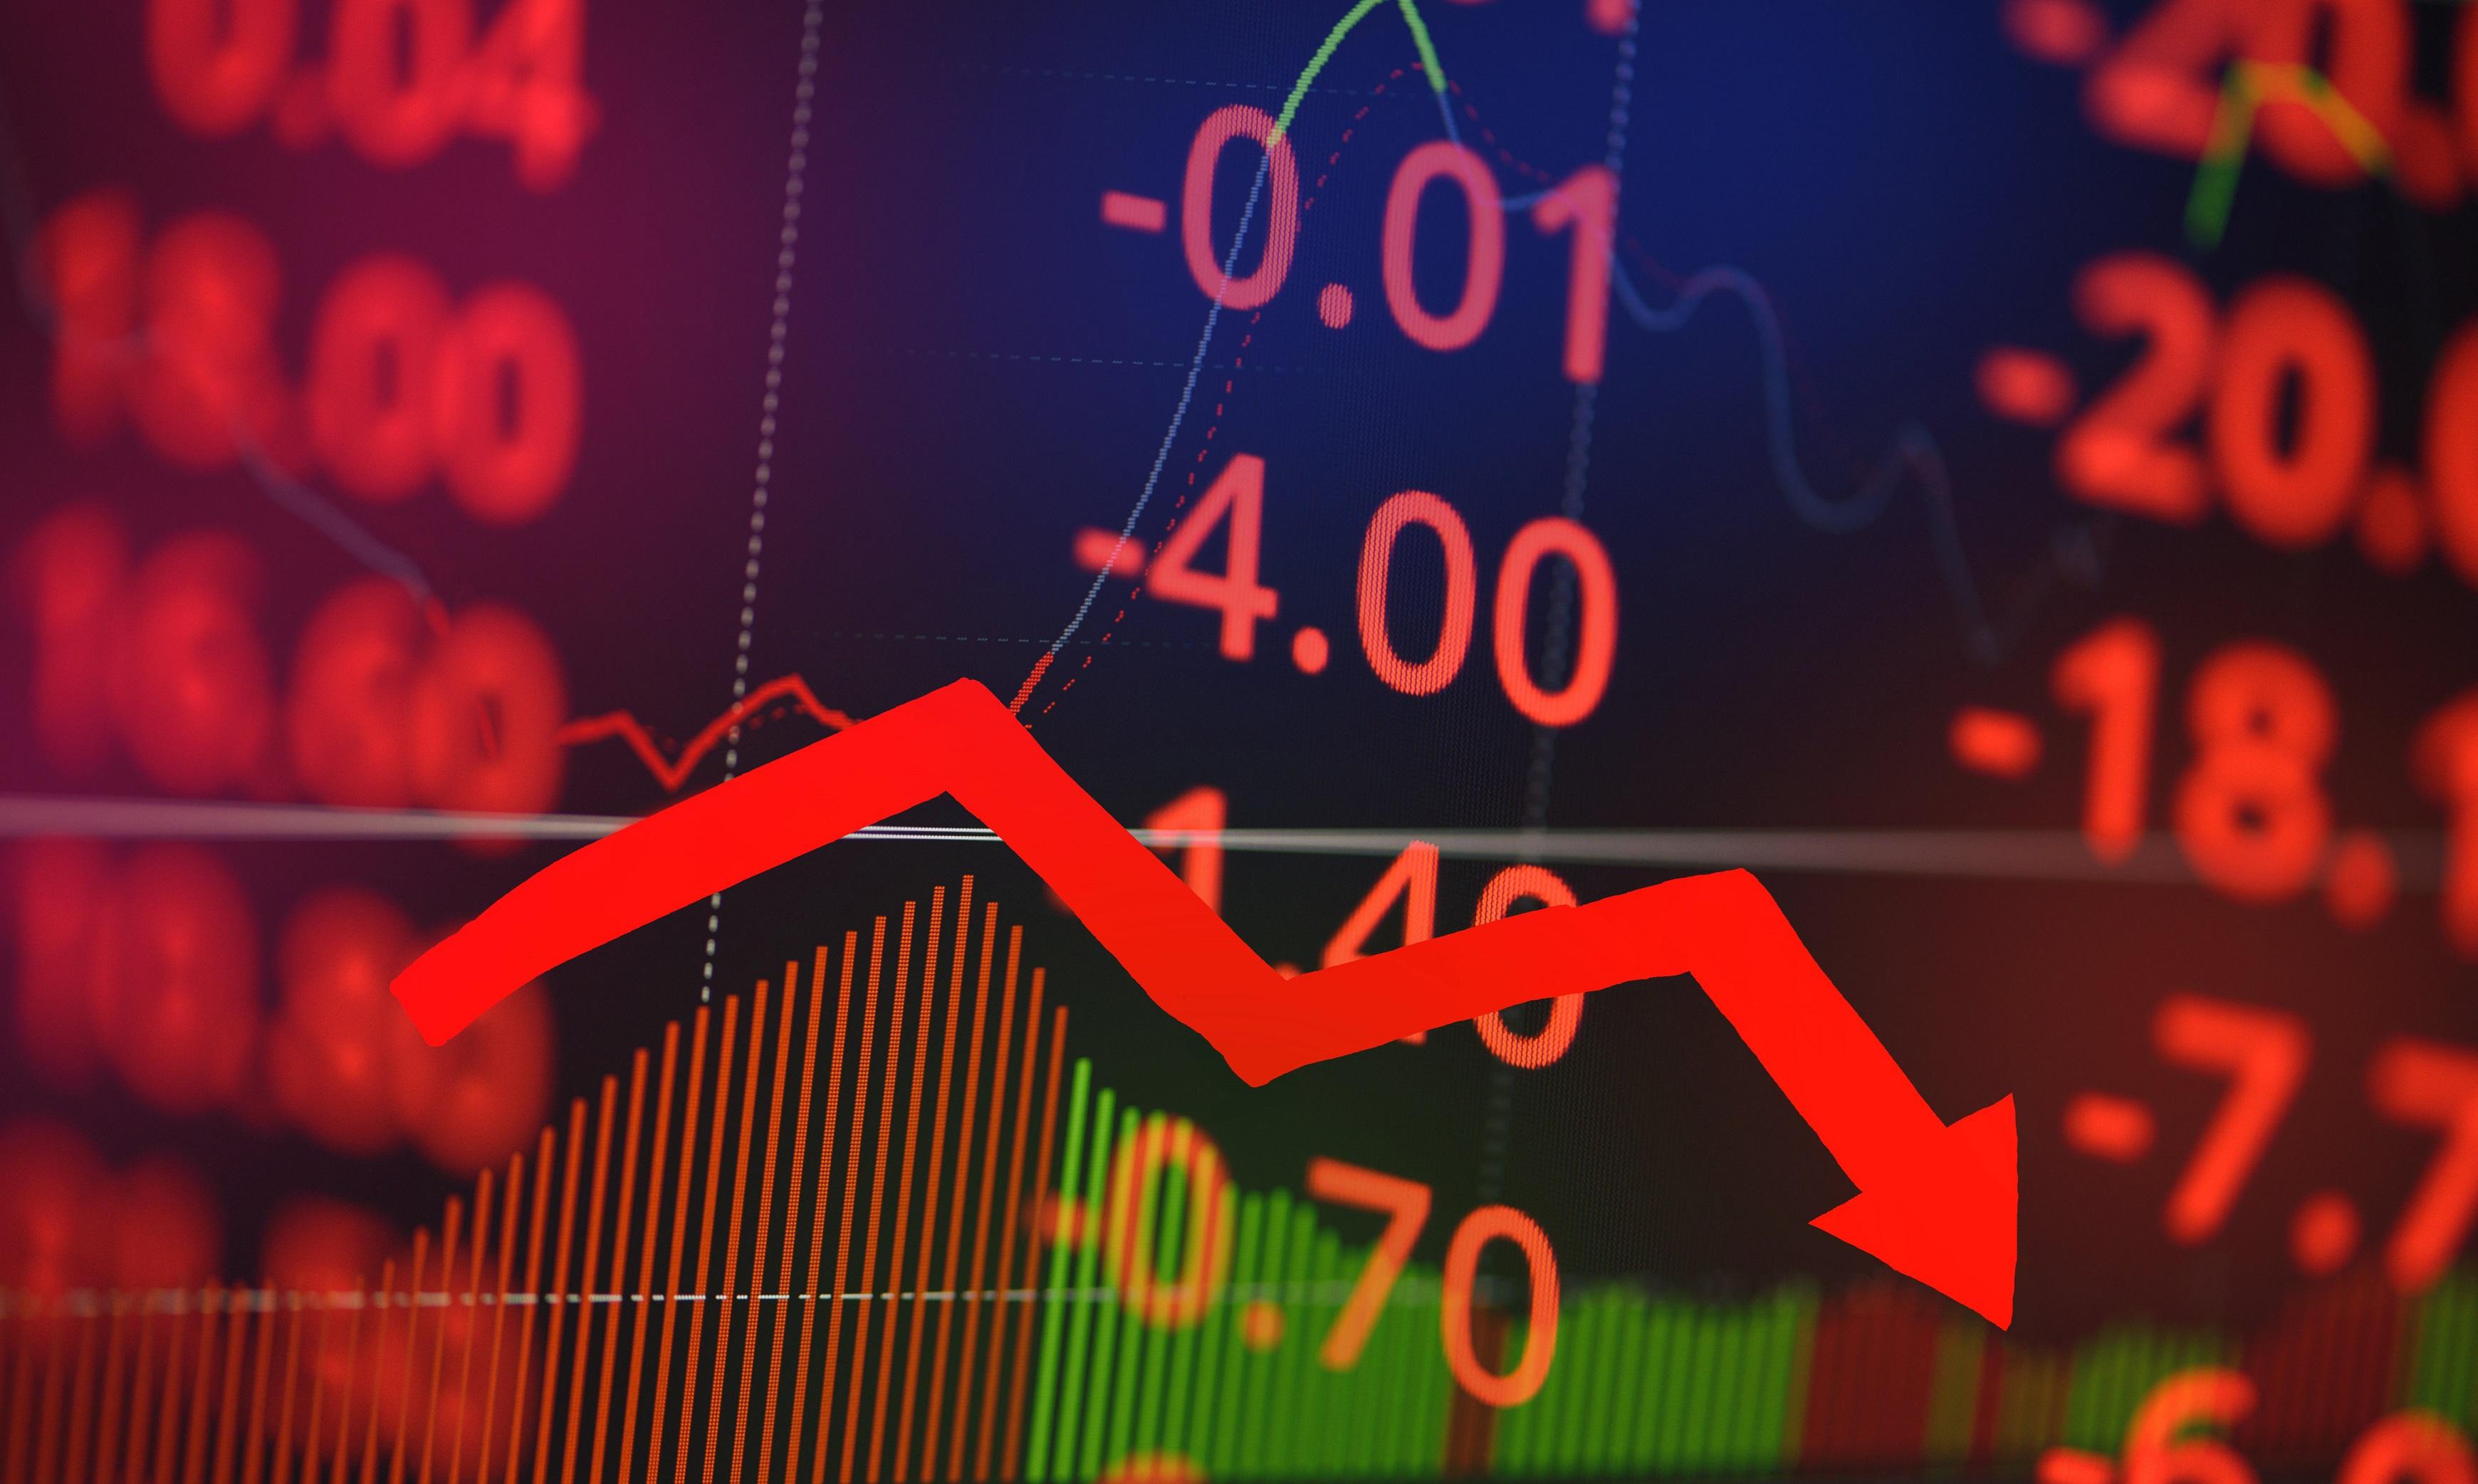 Utrata płynności finansowej główną obawą przedsiębiorców